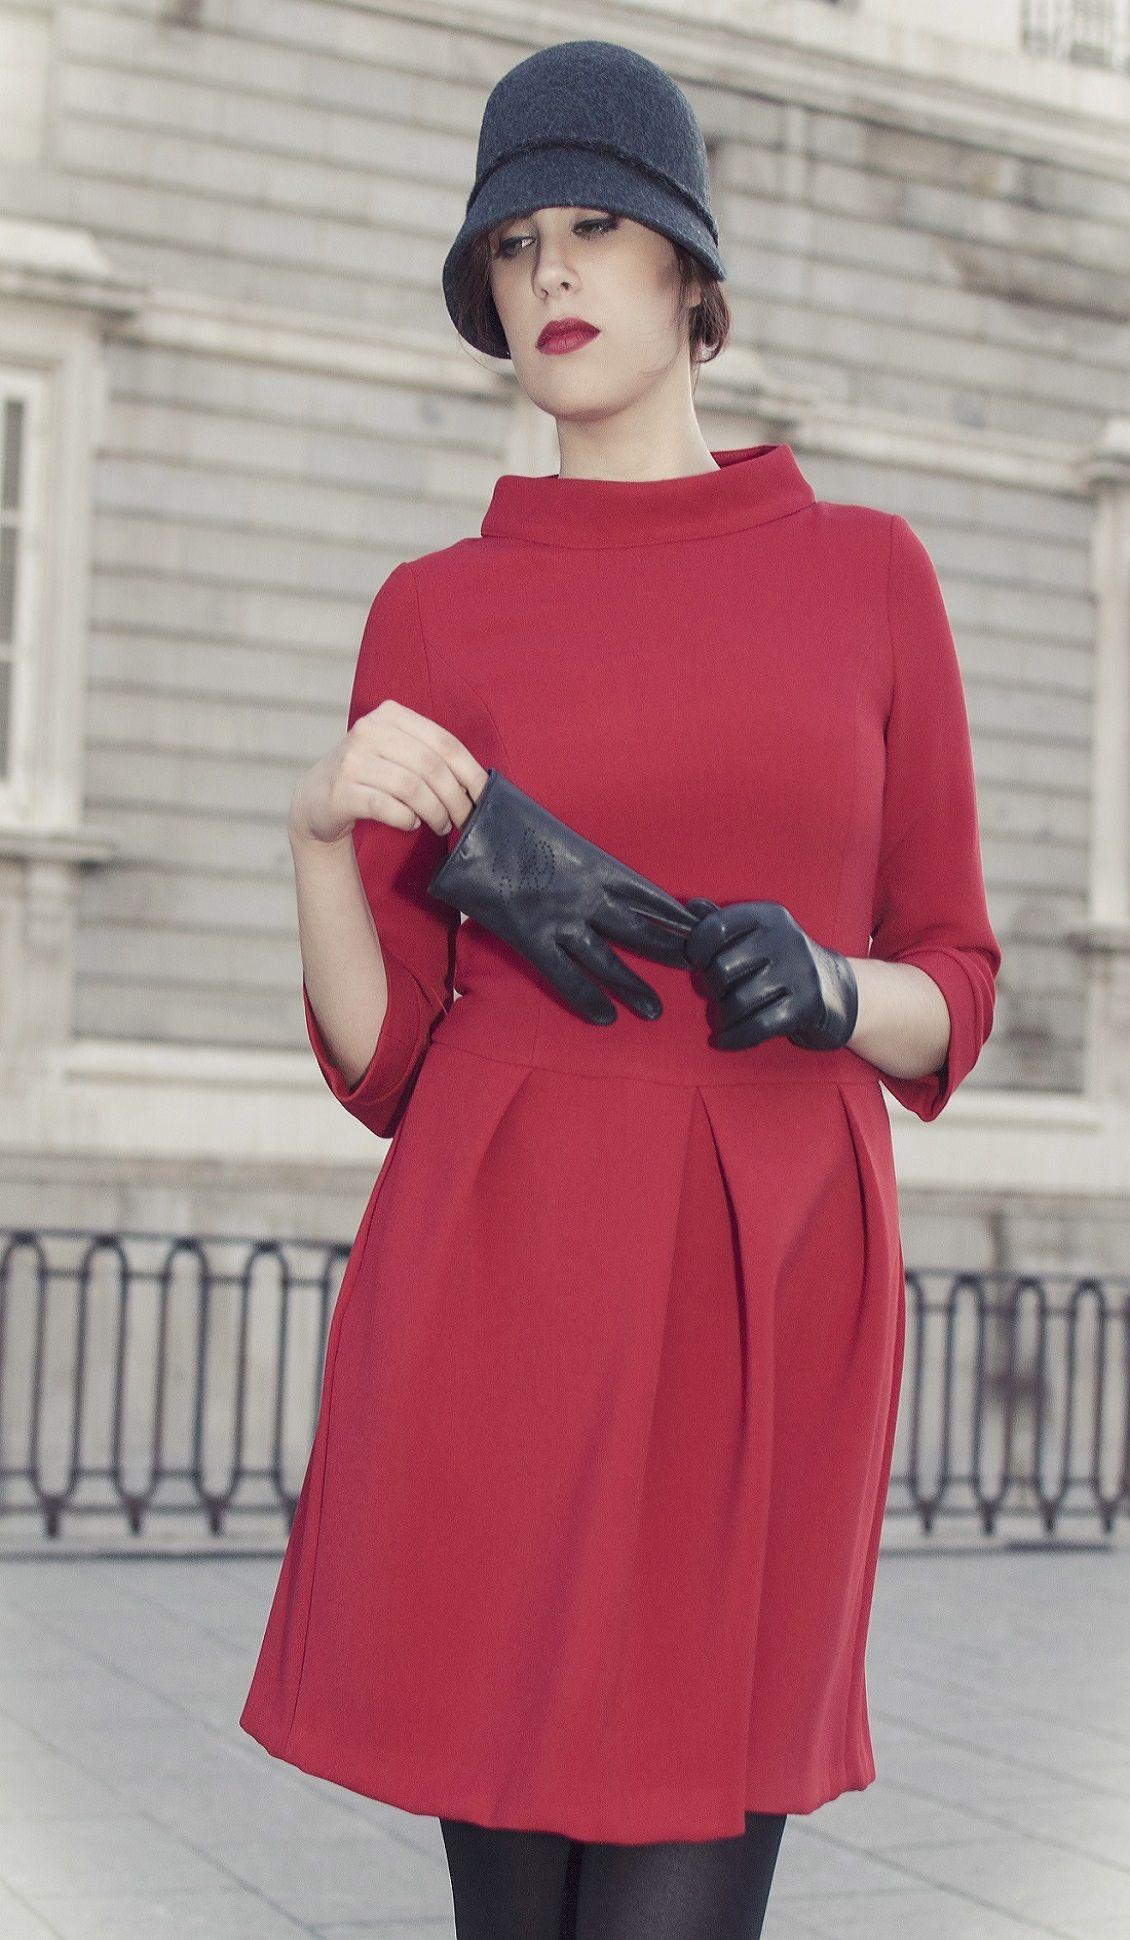 Vestido con cuello chimenea. Rojo. Dress with collar up. Rojo.www.blancaspina.com